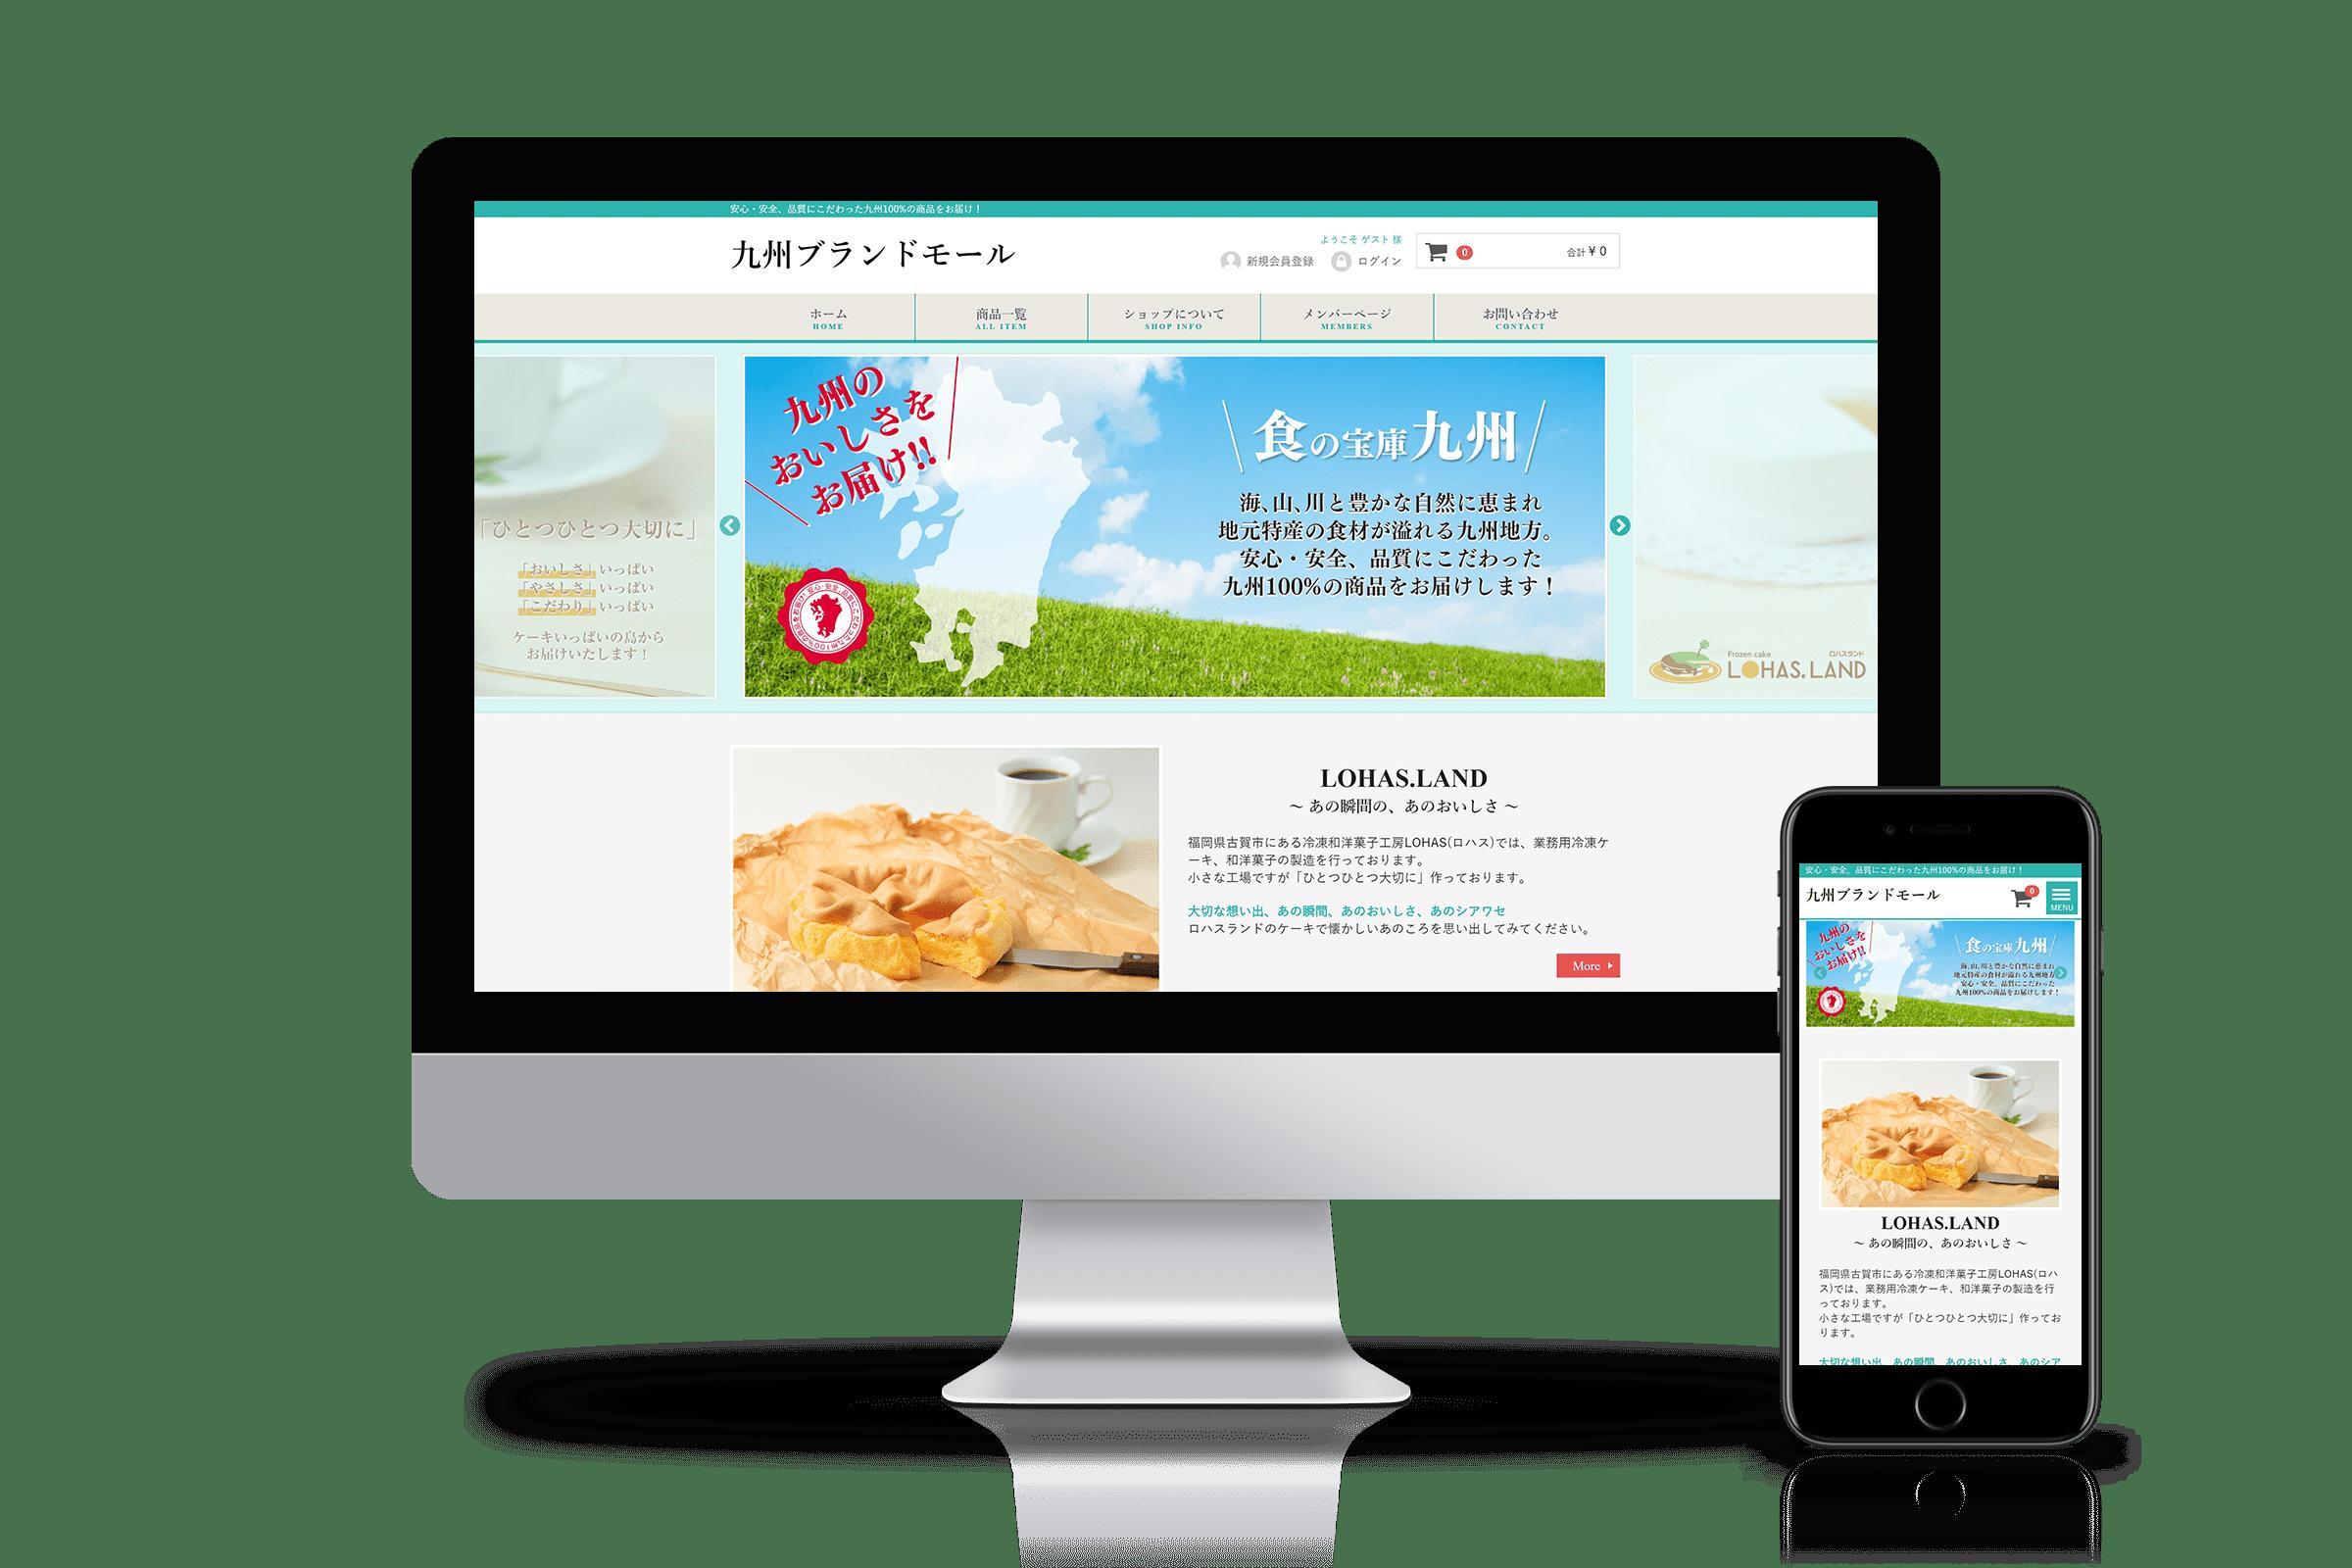 九州の食を届ける通販サイト